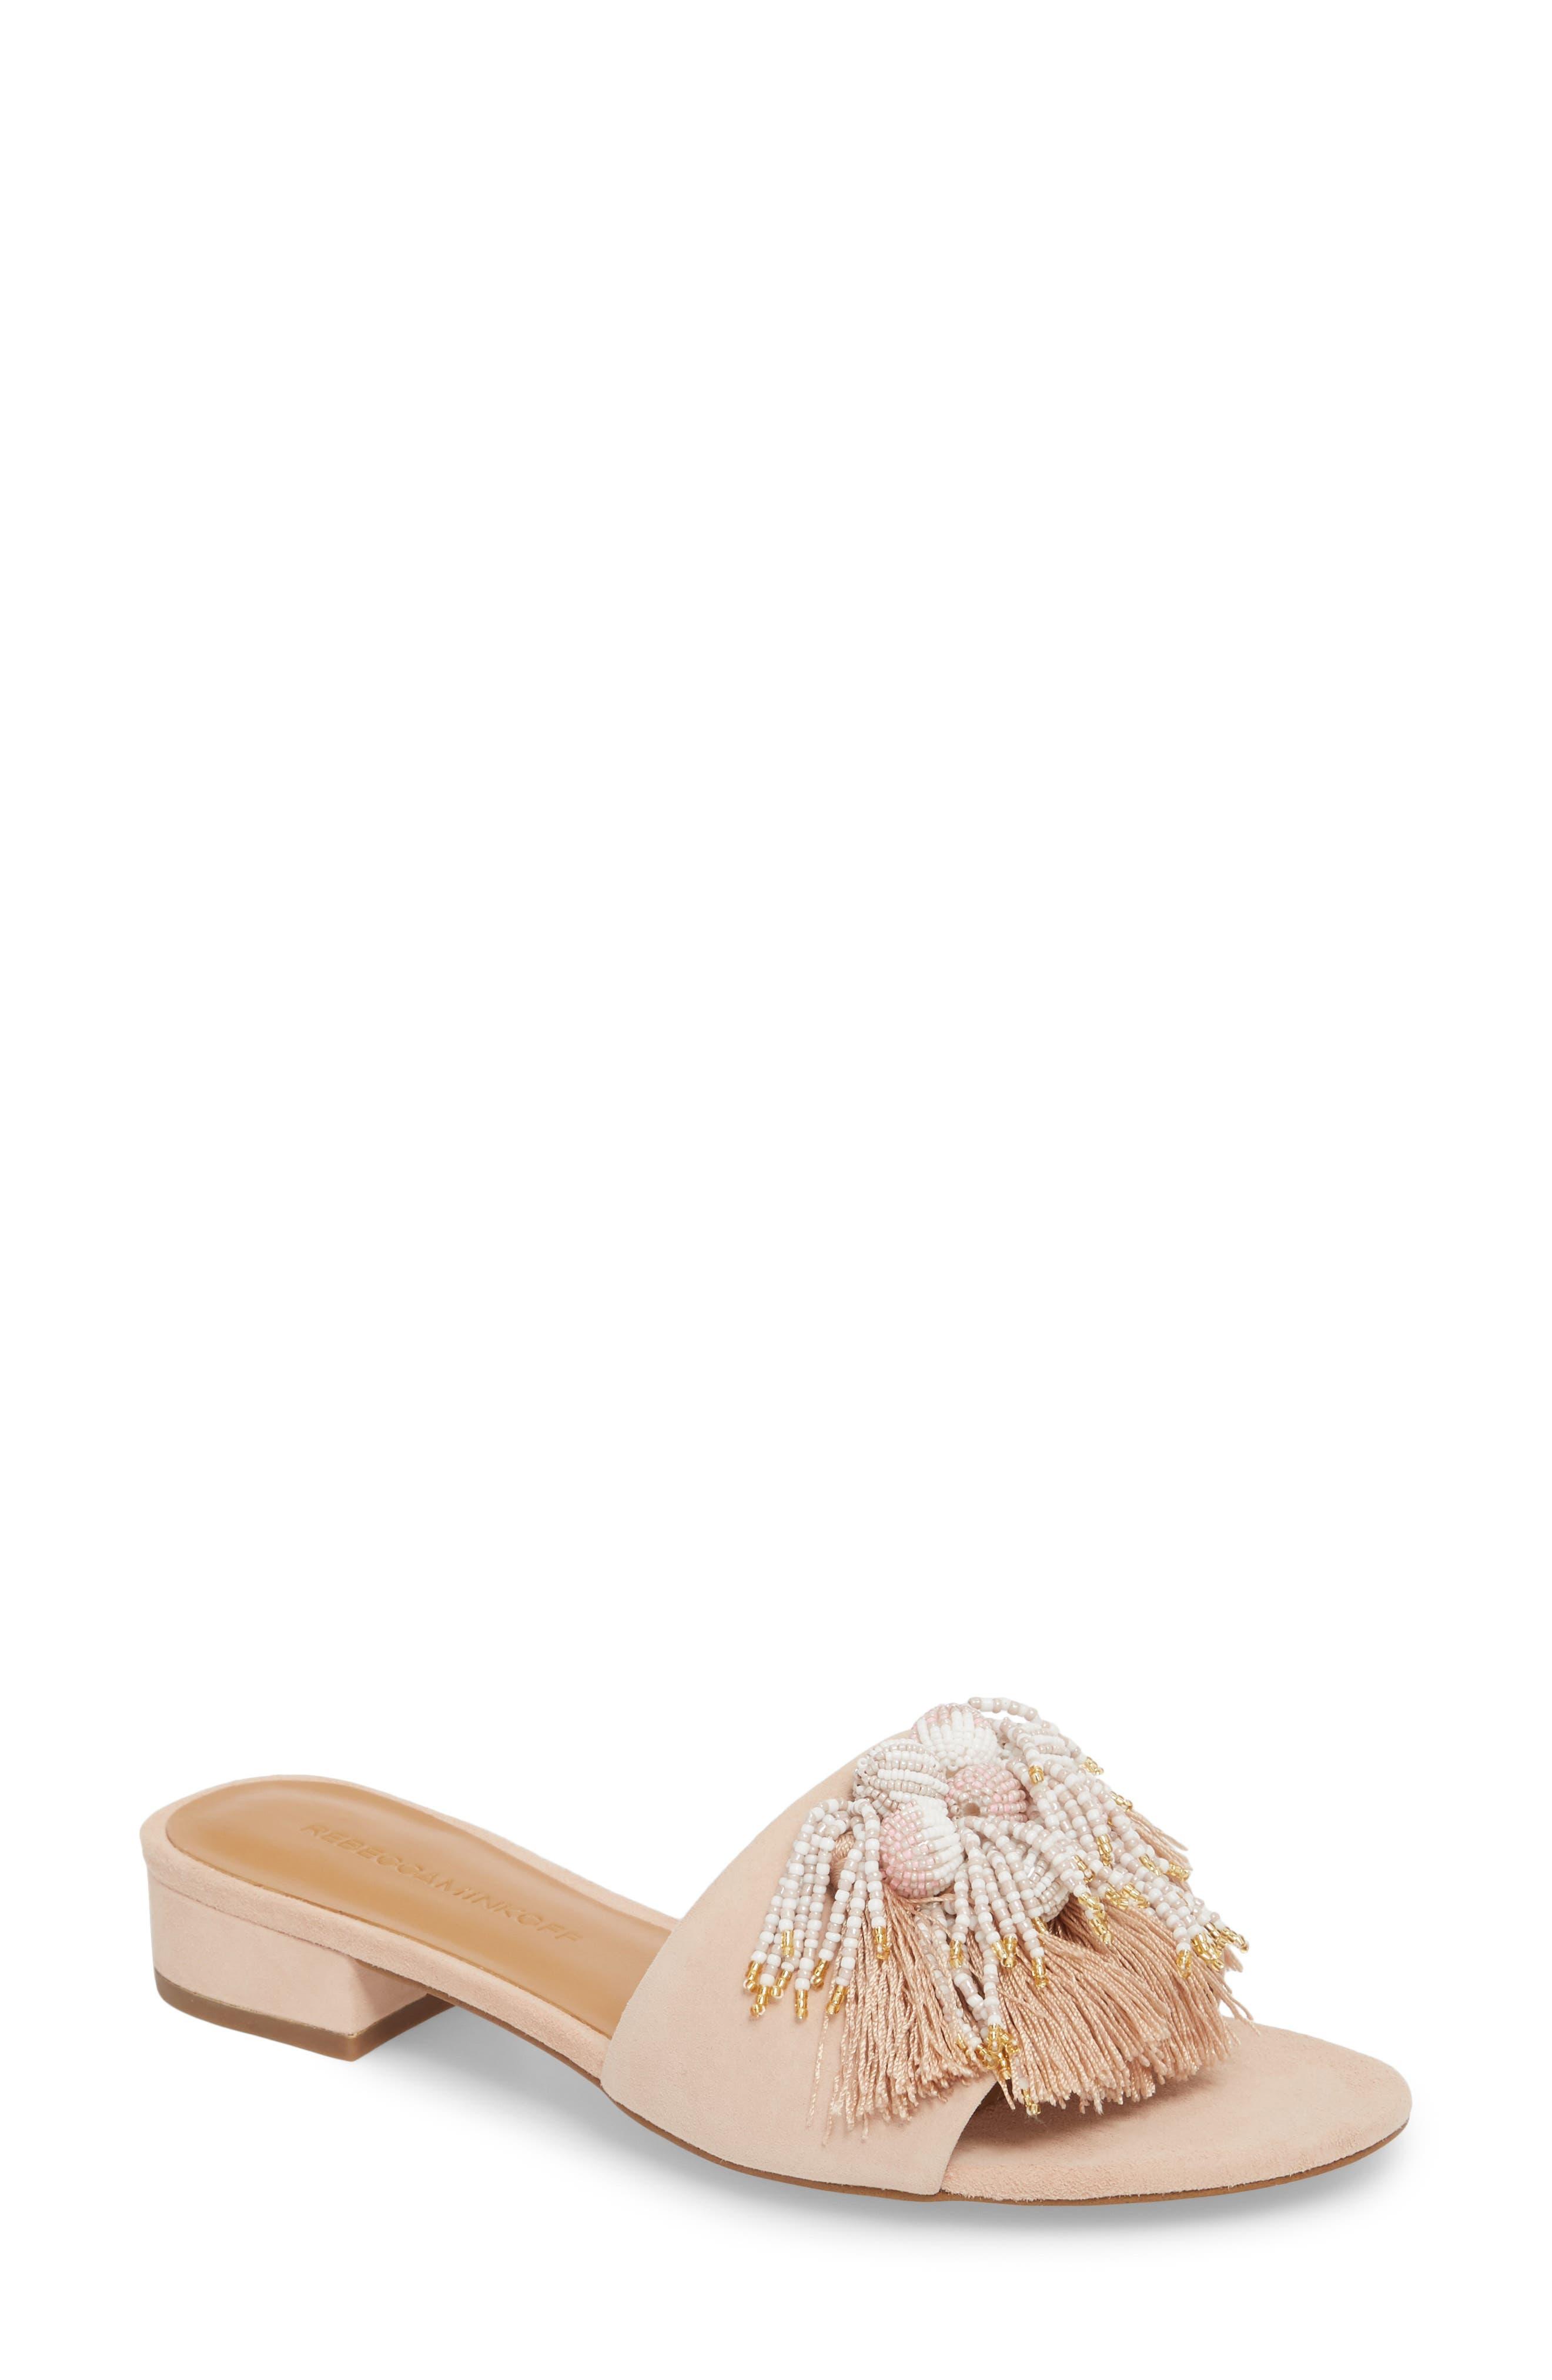 Kayleigh Embellished Slide Sandal,                         Main,                         color, CERAMIC SUEDE